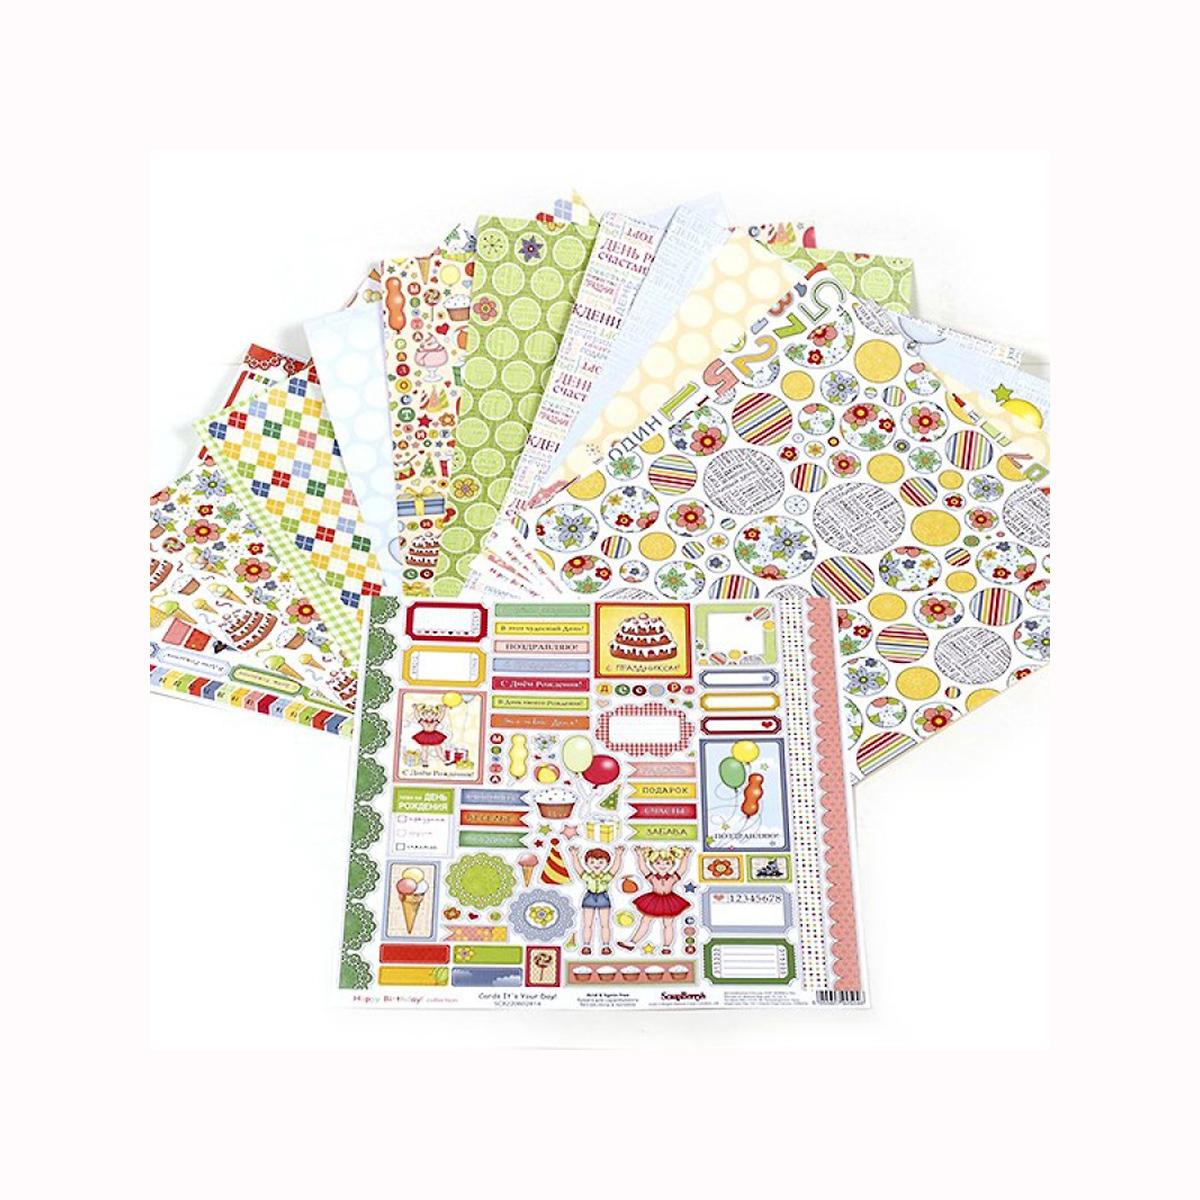 Бумага для скрапбукинга ScrapBerrys С Днем Рождения!, двухсторонняя, 30,5 х 30,5 см, 10 листов. 549587549587